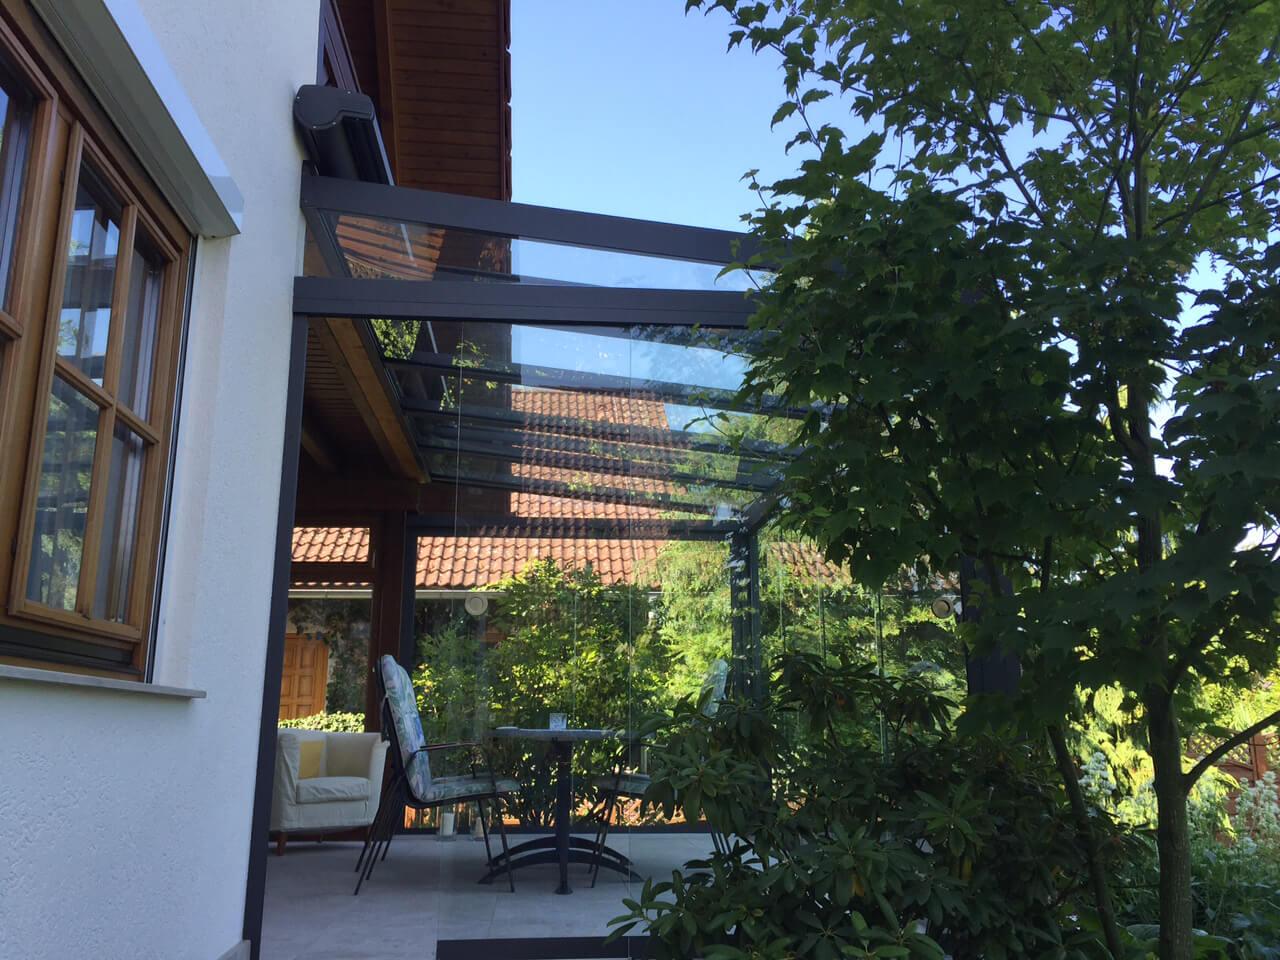 Sommergarten Ganzglas Schiebetüren